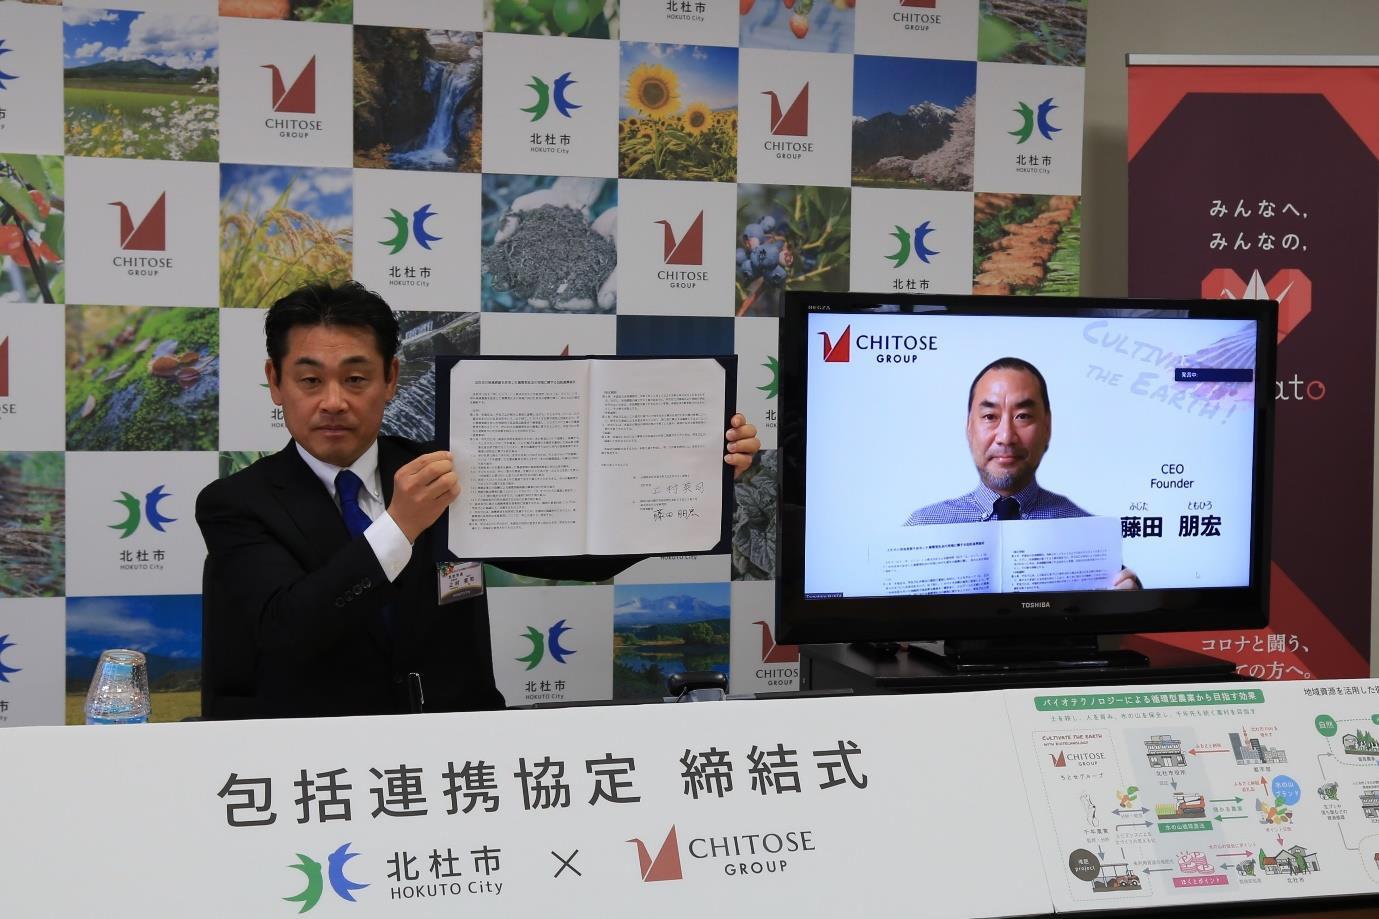 ちとせグループの藤田朋宏CEO(右)と北杜市の上村英司市長